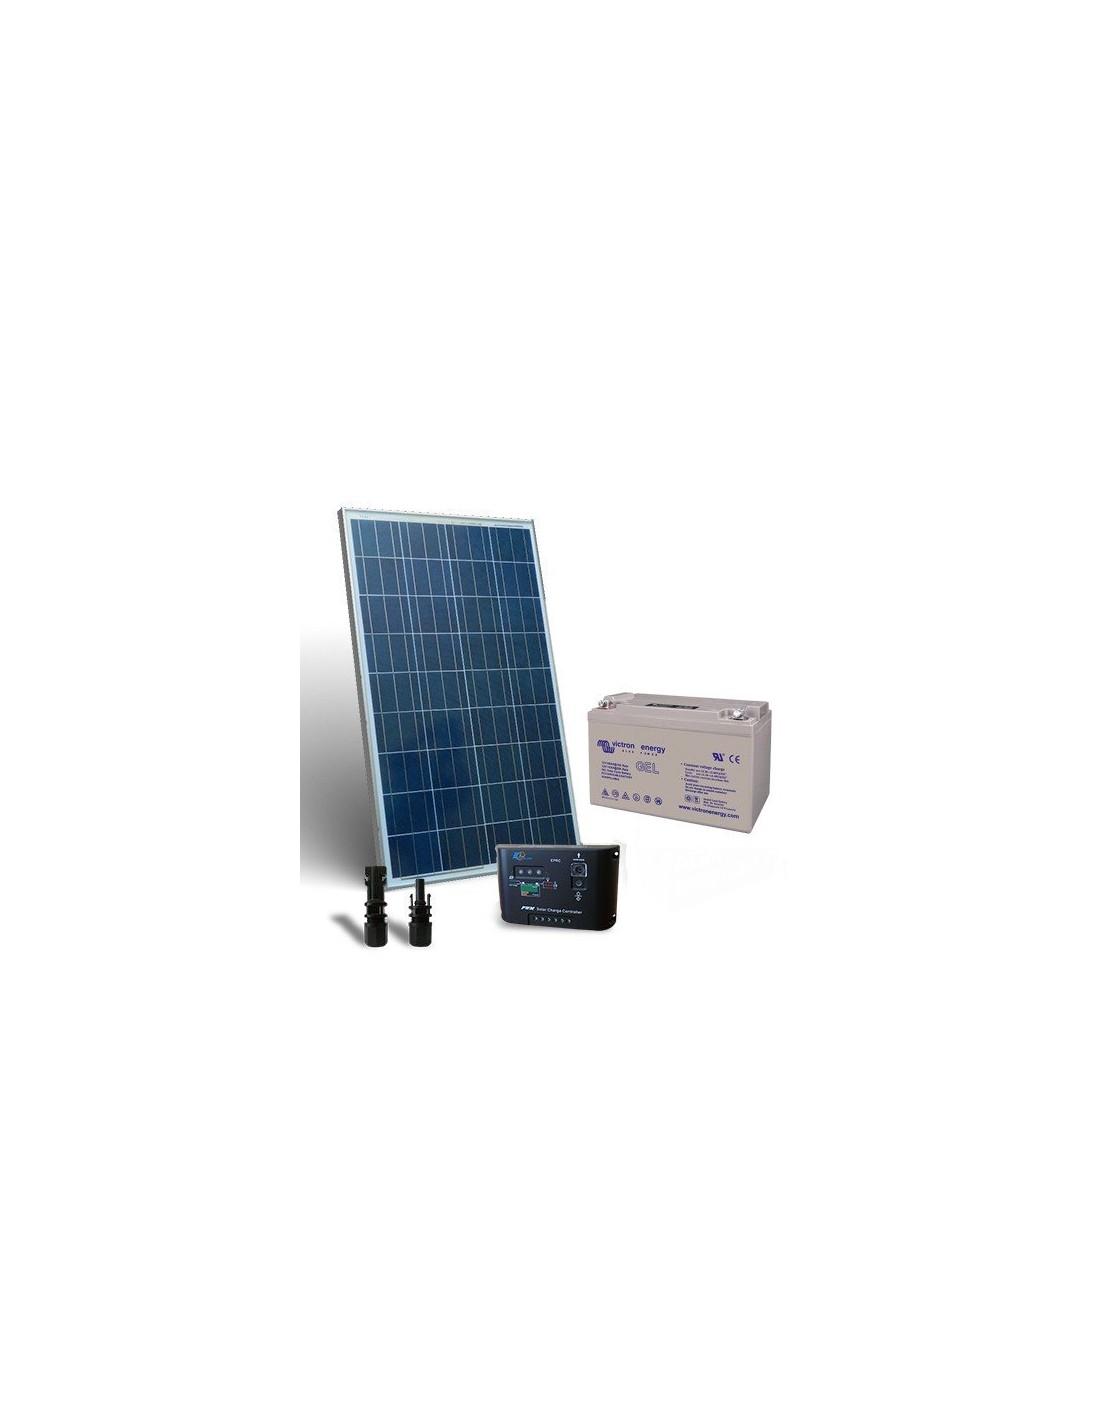 Kit Pannello Solare 12v 10a : Kit solare pro w v pannello fotovoltaico regolatore